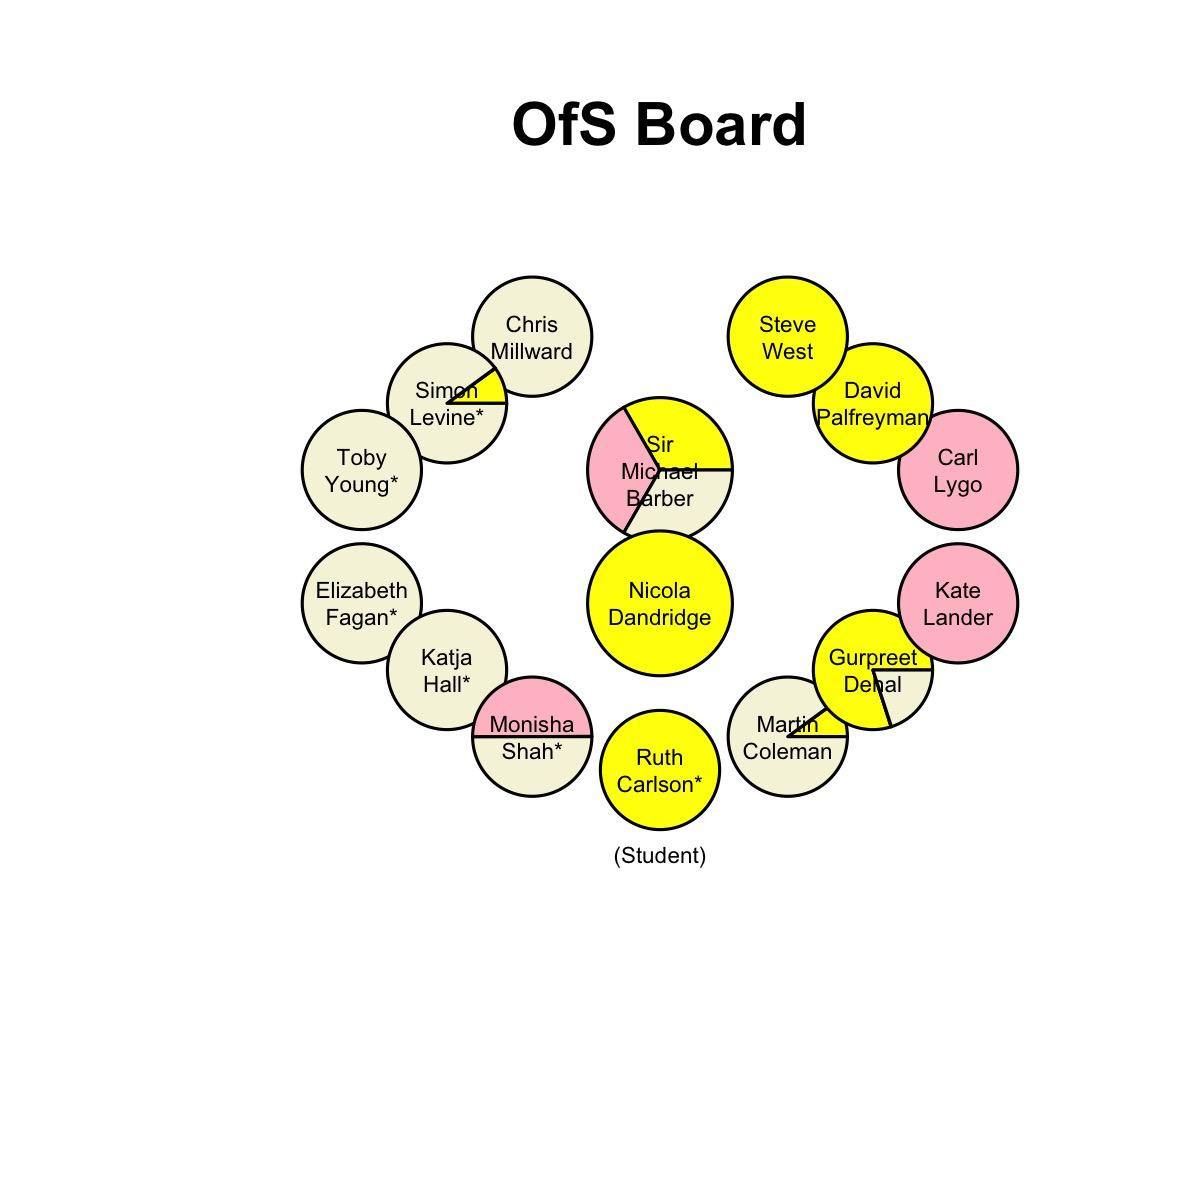 OfS Board members